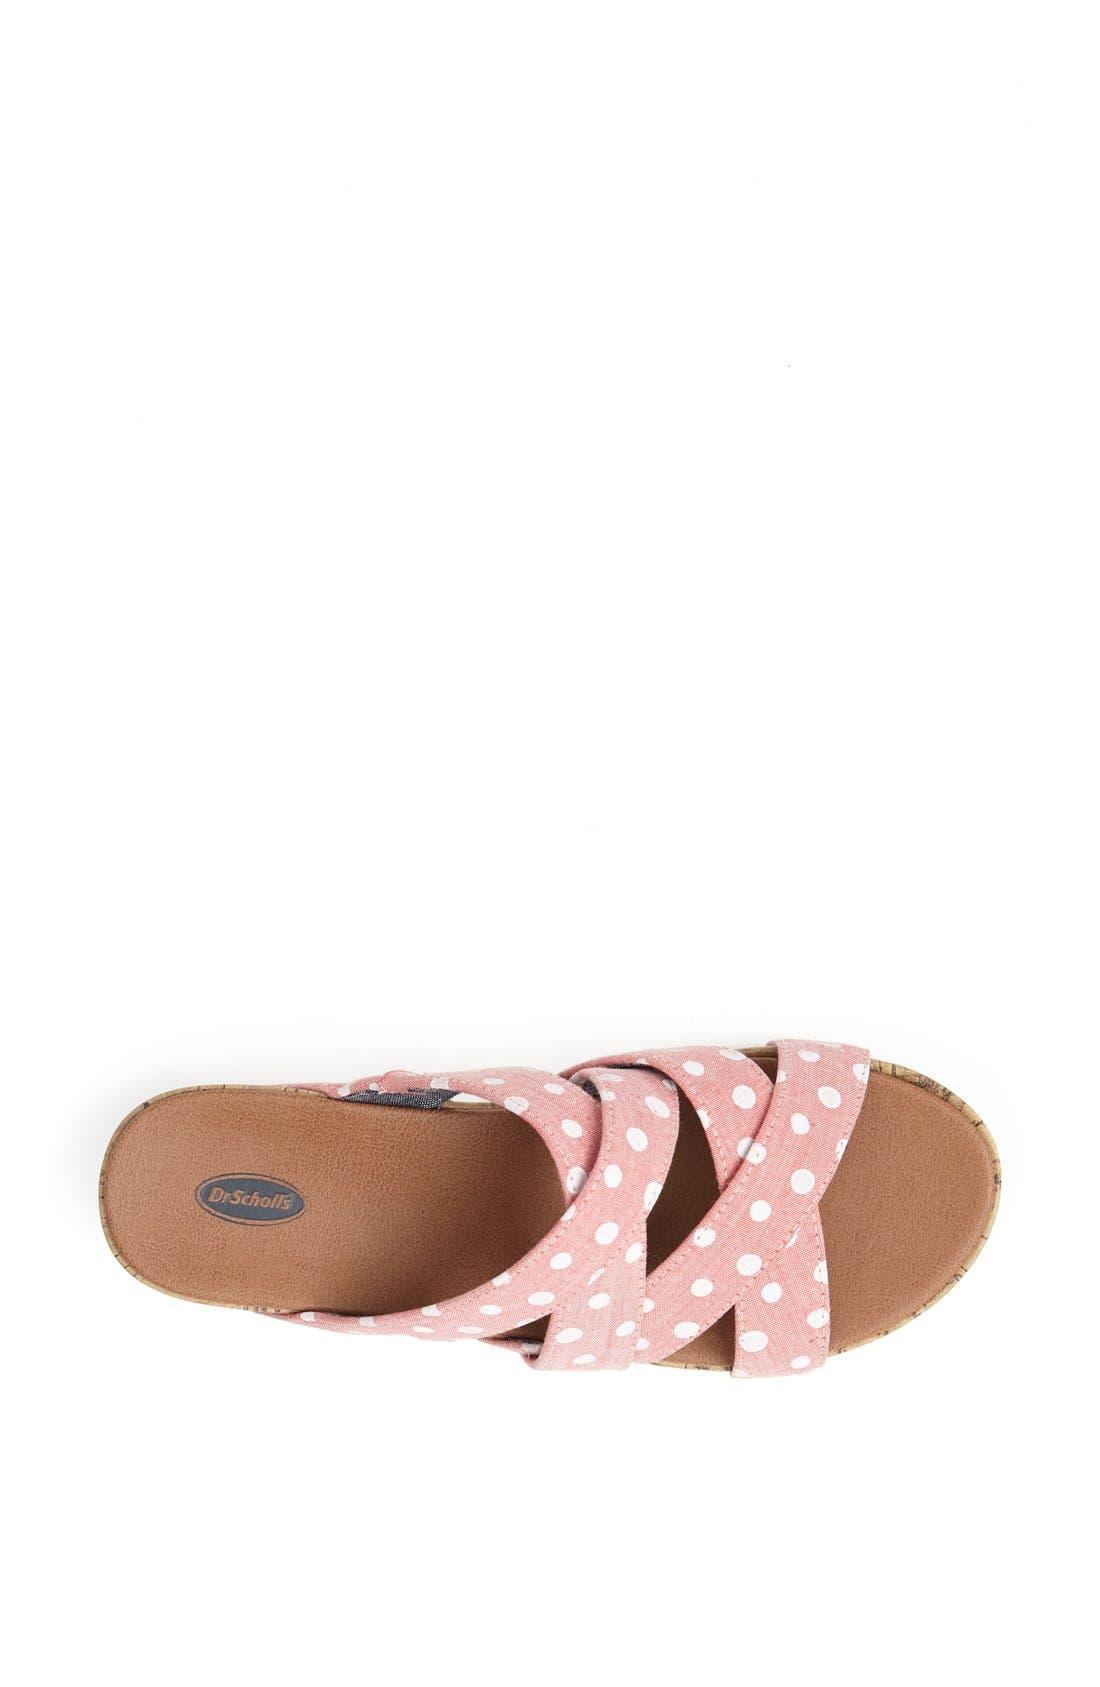 Alternate Image 3  - Dr. Scholl's 'Freshen' Sandal